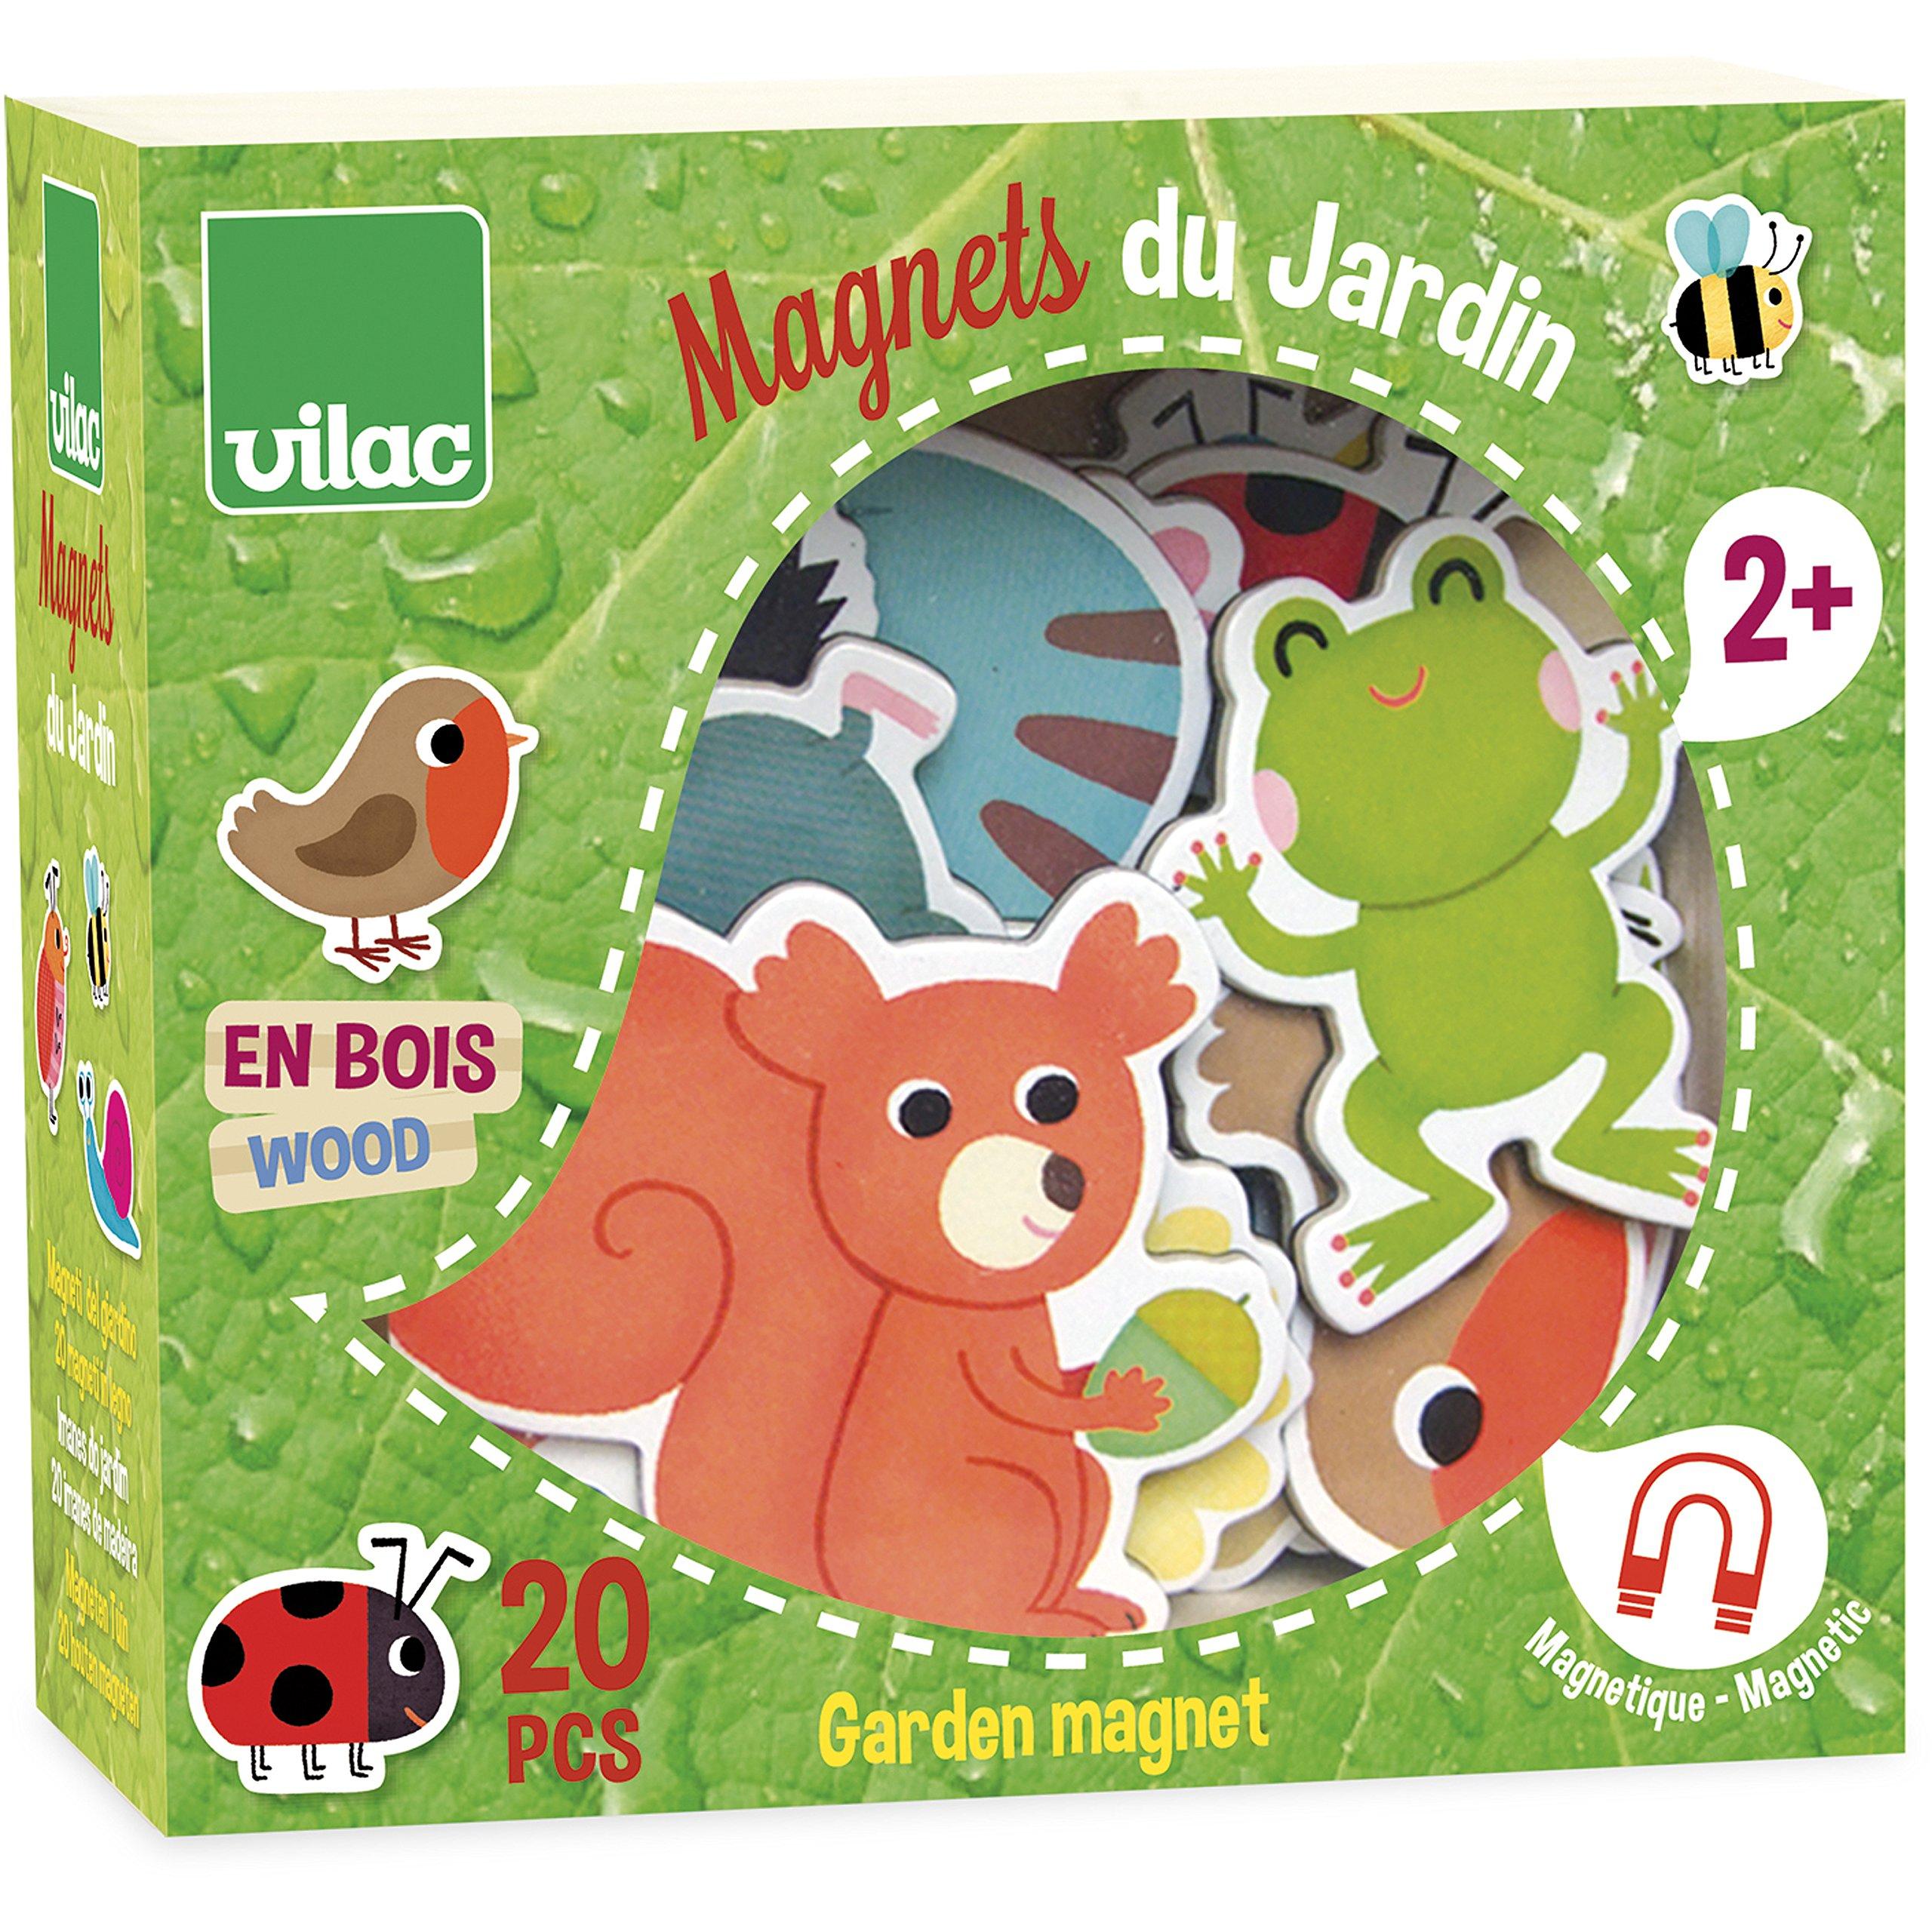 Vilac - 8026 - Jouet De Premier Age - Magnets Jardin product image